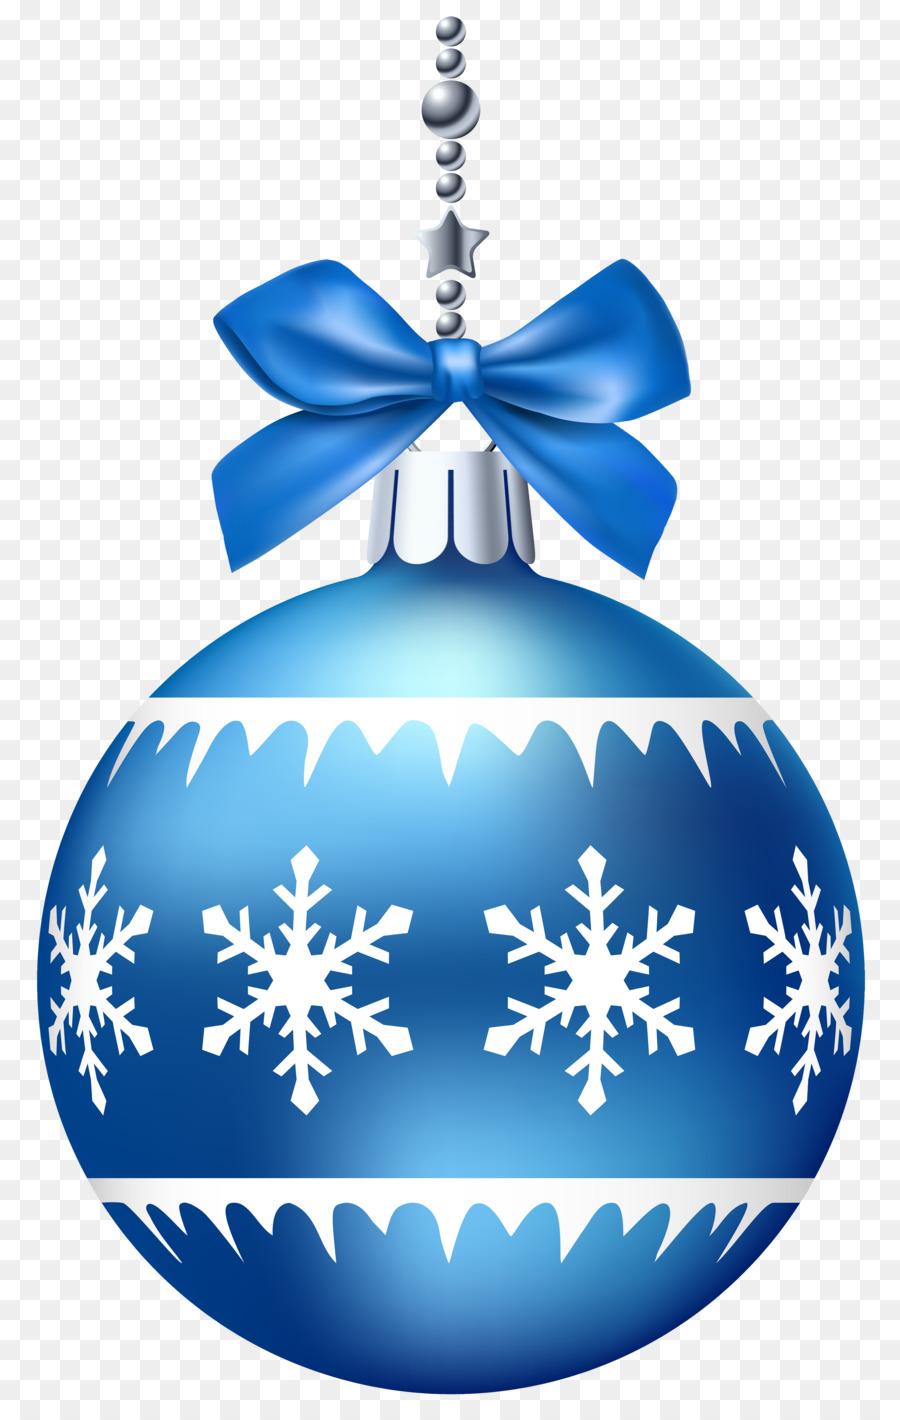 Descarga gratuita de Adorno De Navidad, La Navidad, Azul De Navidad Imágen de Png